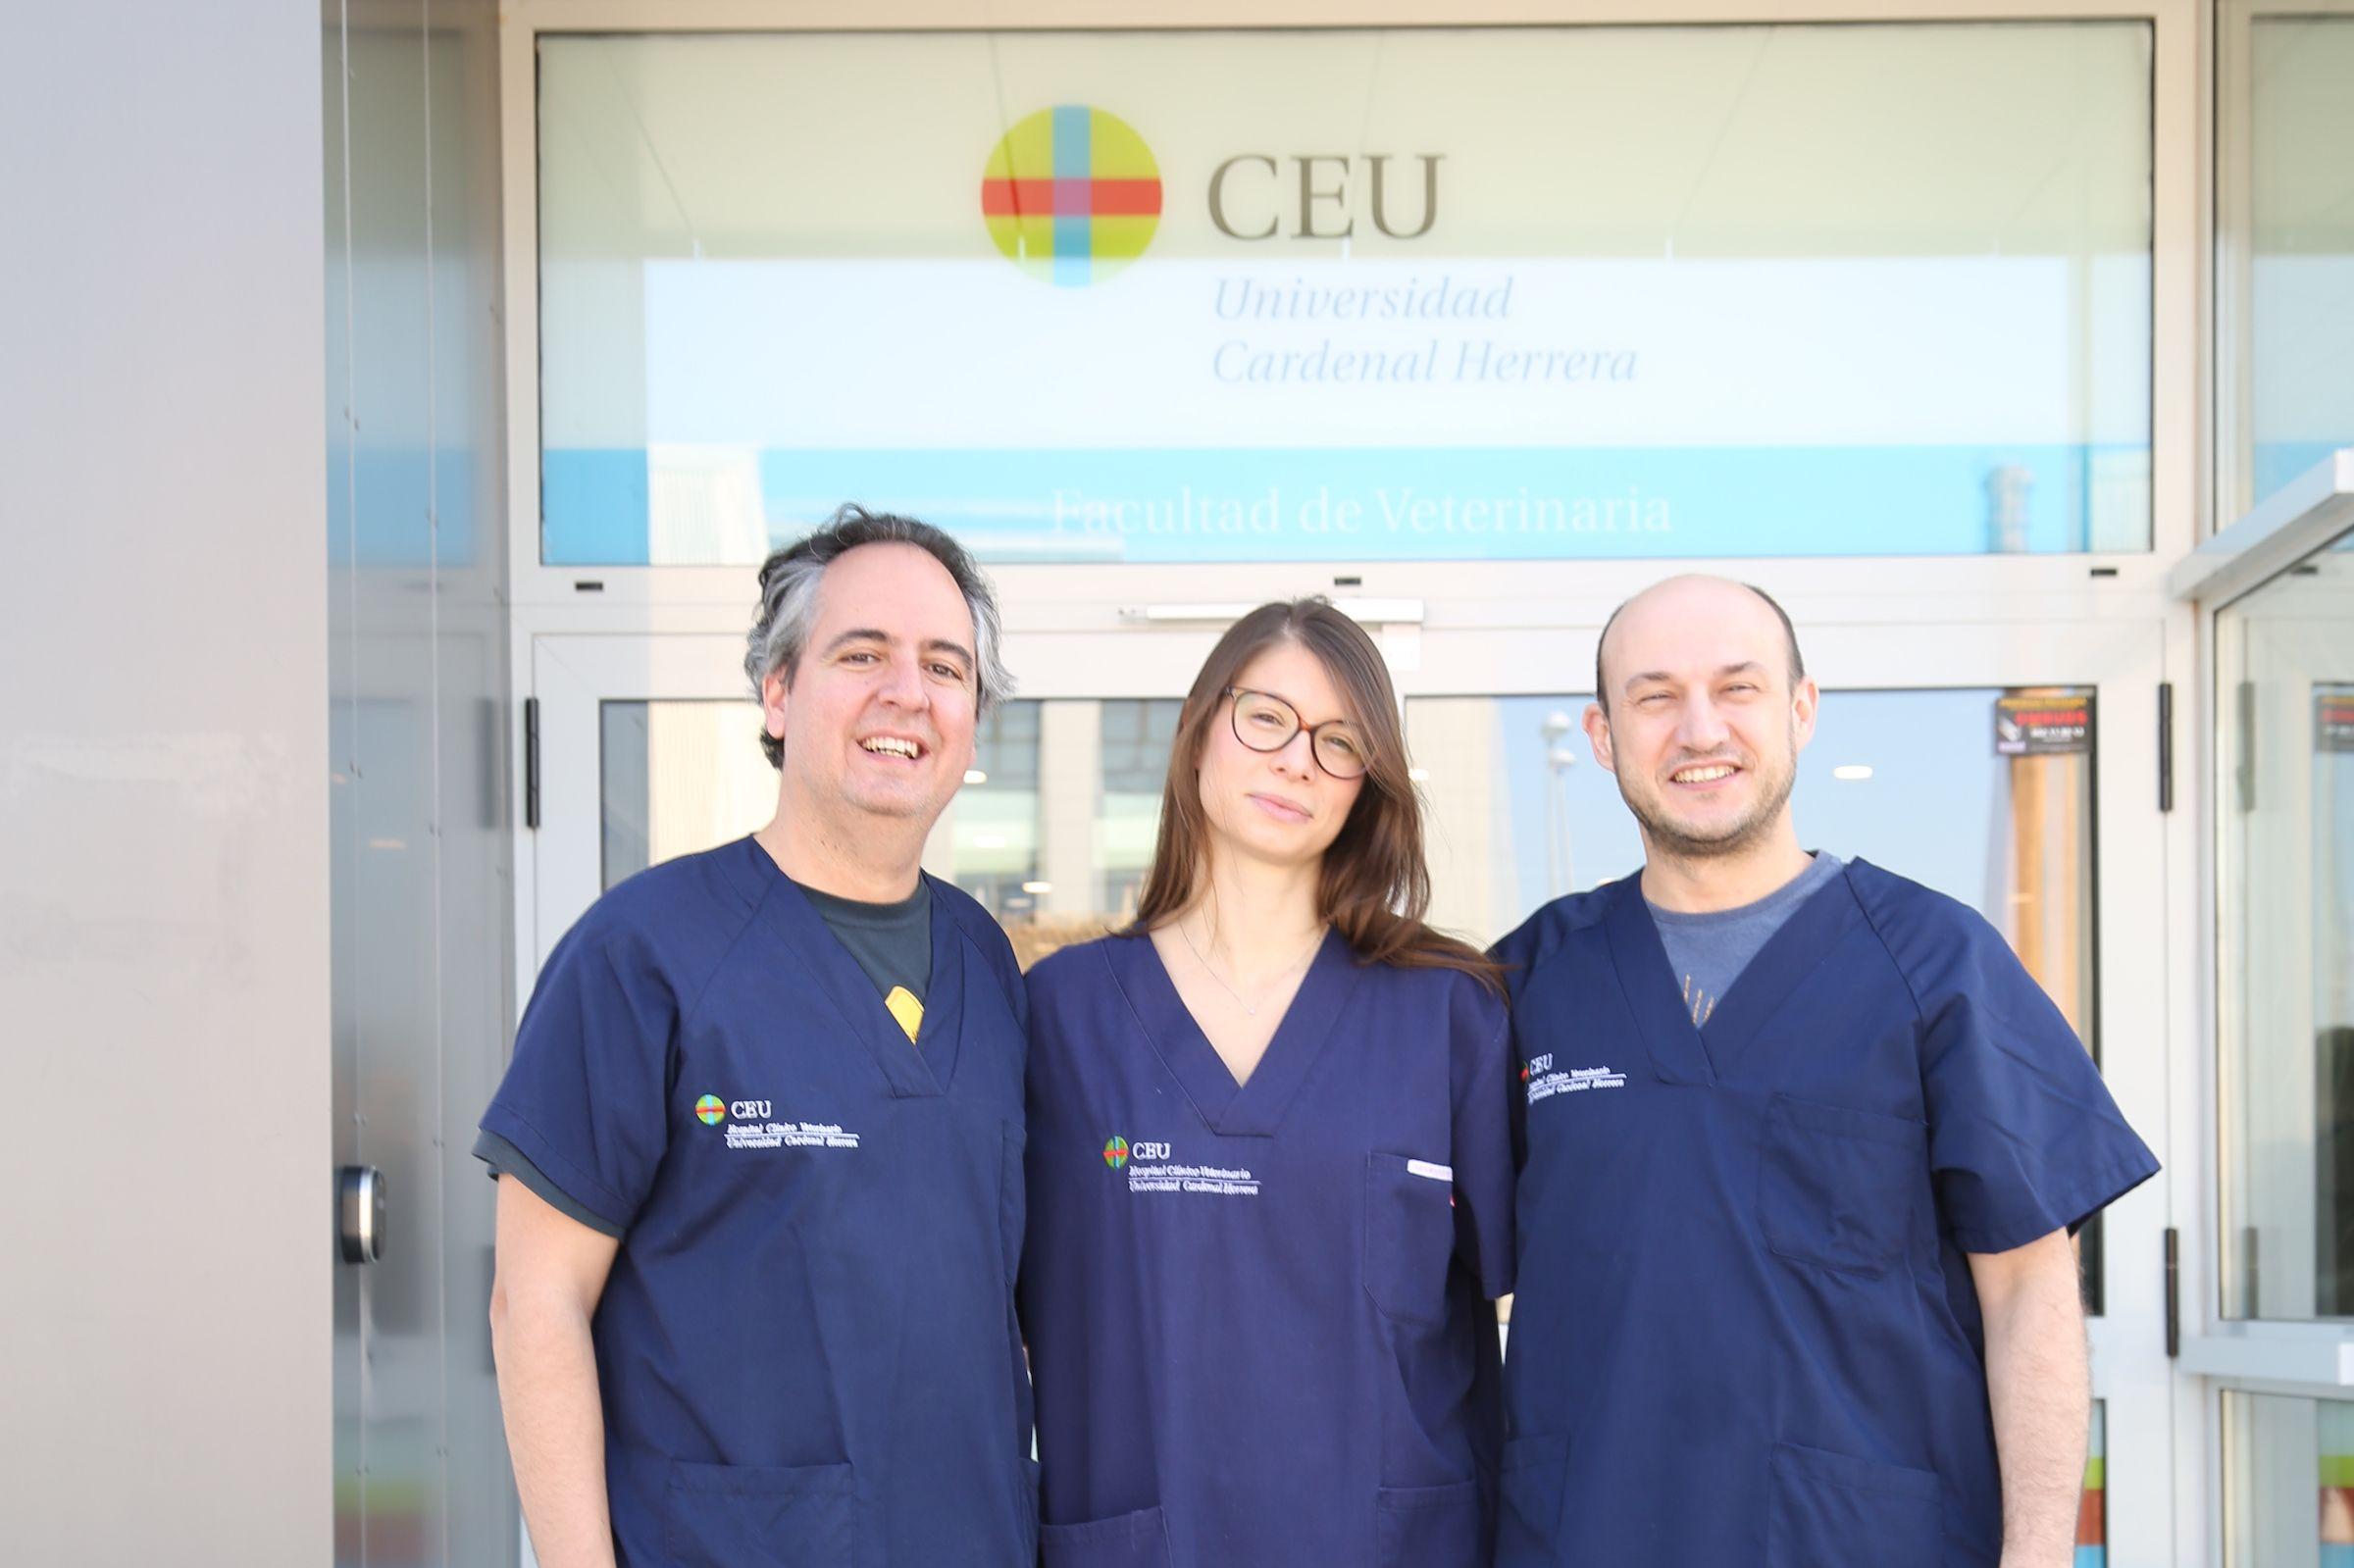 Sandra Sanchis, con su profesor en la CEU UCH, José Ignacio Redondo (izq.) y Jaime Viscasillas, del Royal Veterinary College, con los que trabaja en una nueva investigación.